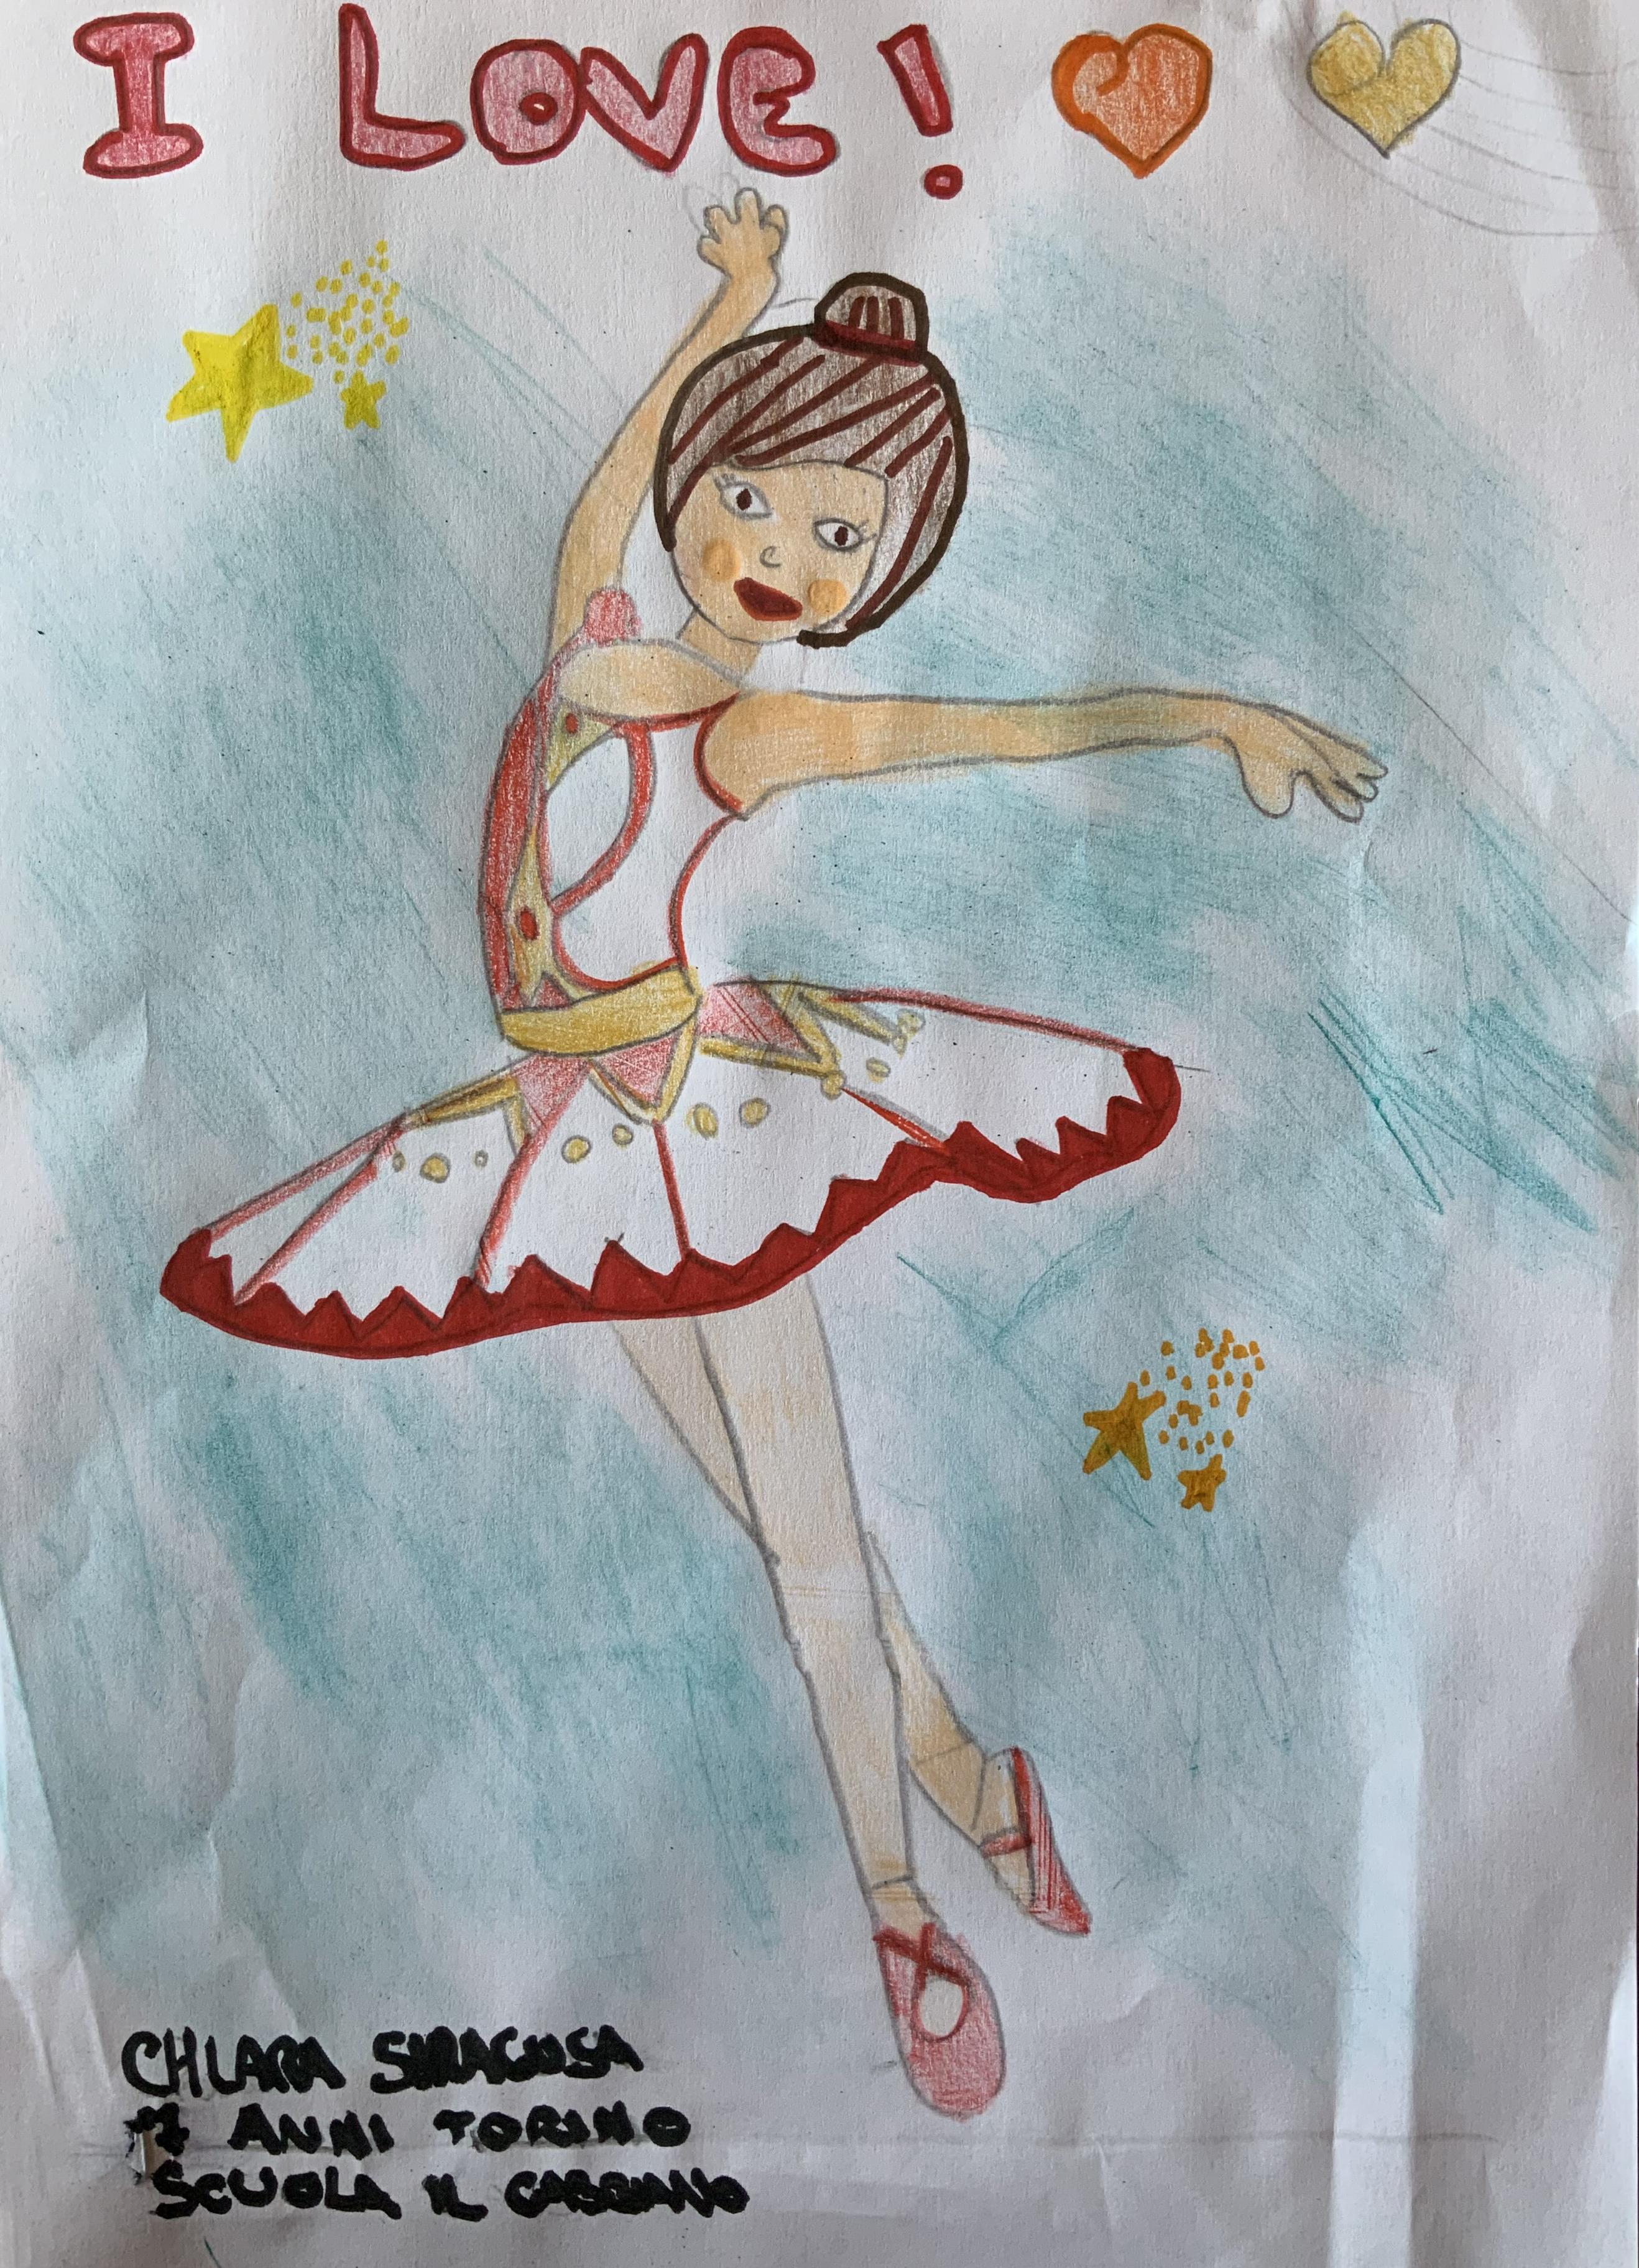 Chiara scuola di danza il Gabbiano Torino